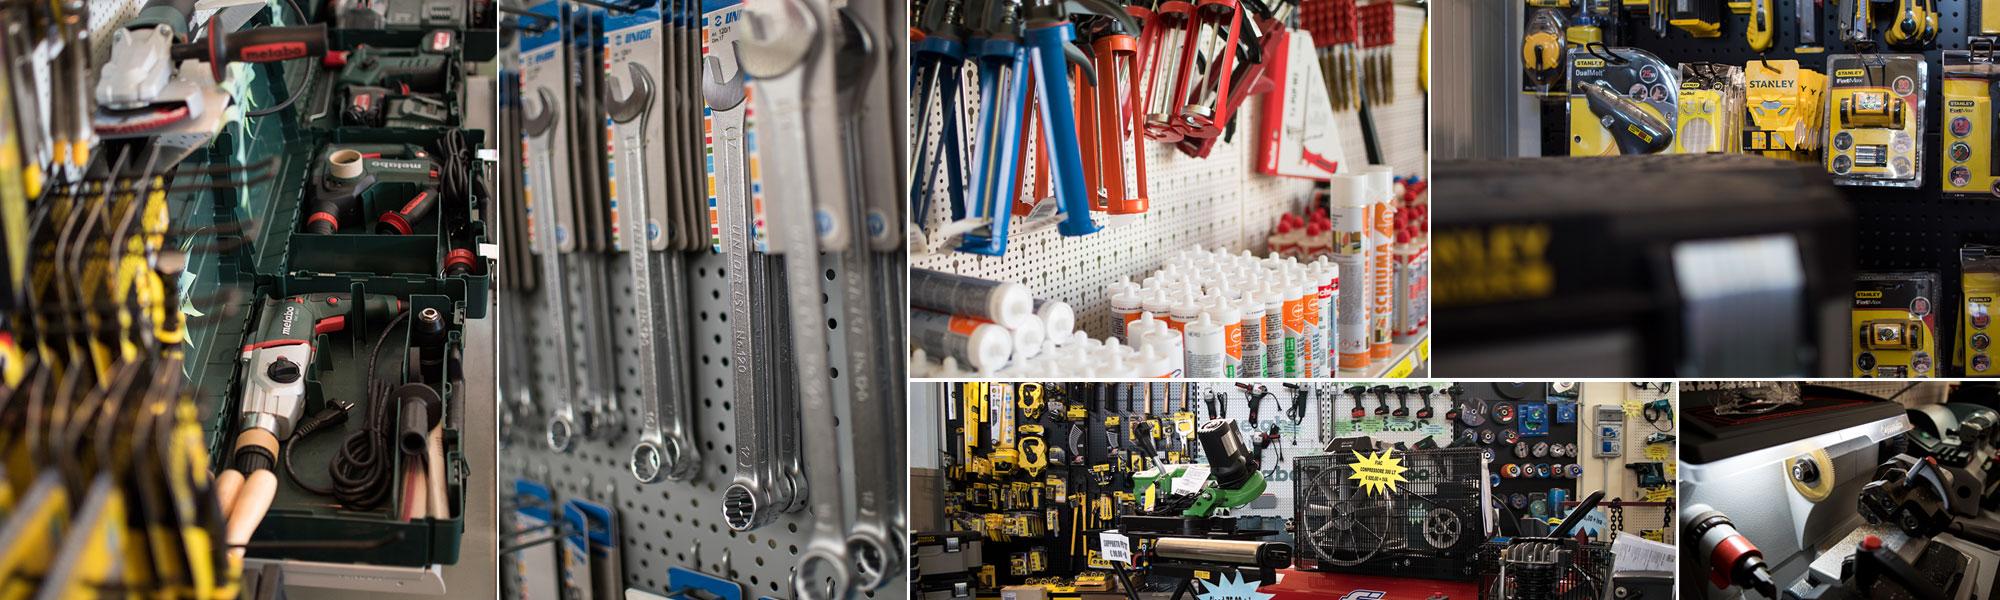 La ferramenta Tirelli ferro e inox a diversi angolazioni